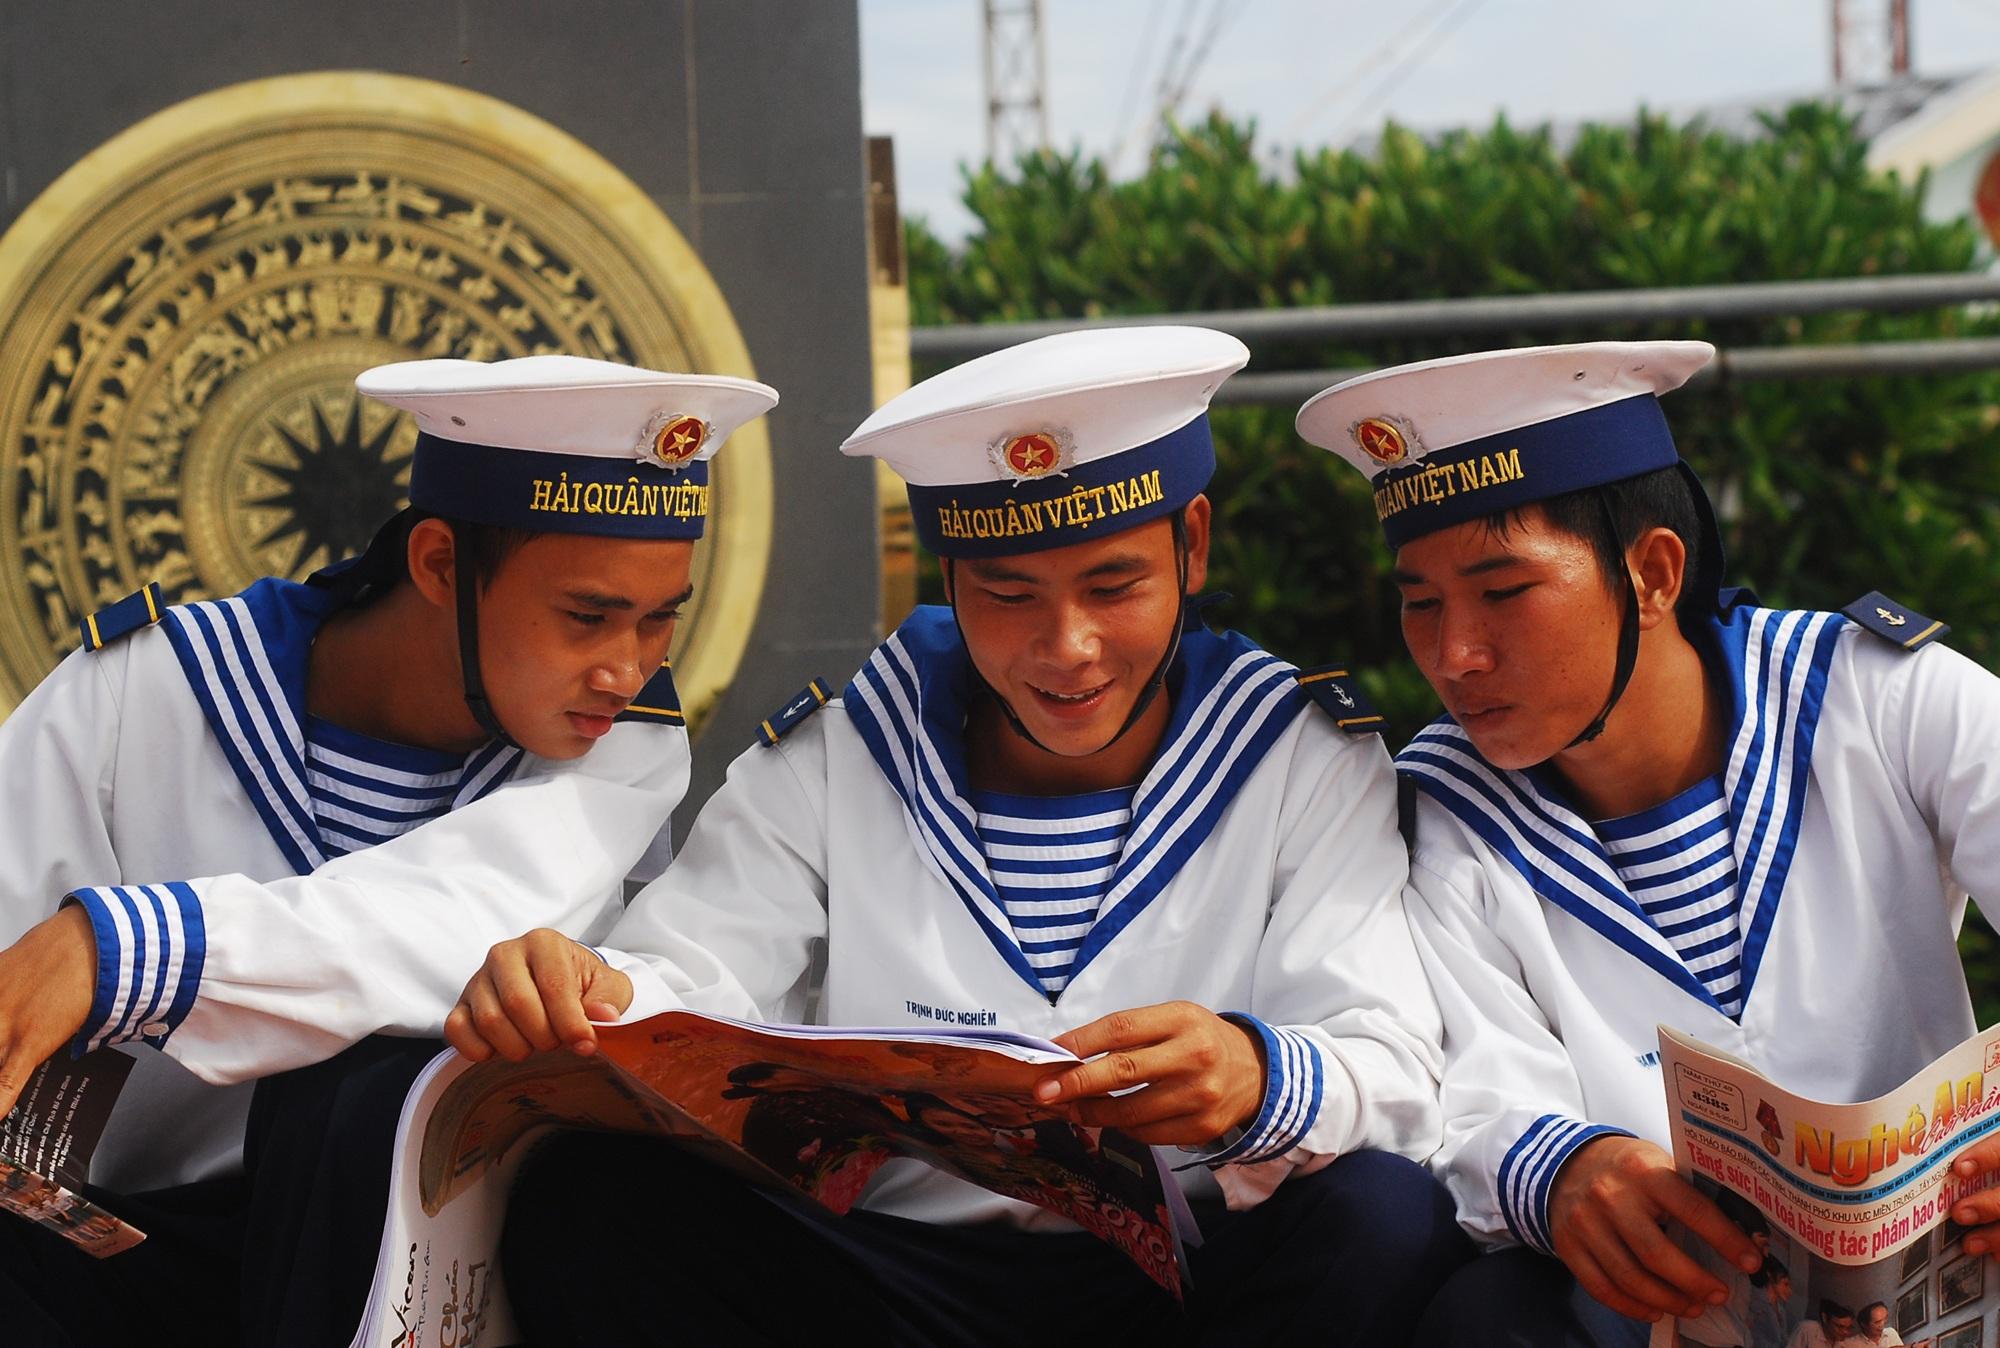 Lính Nghệ ở Trường Sa (ảnh Hoàng Trần).